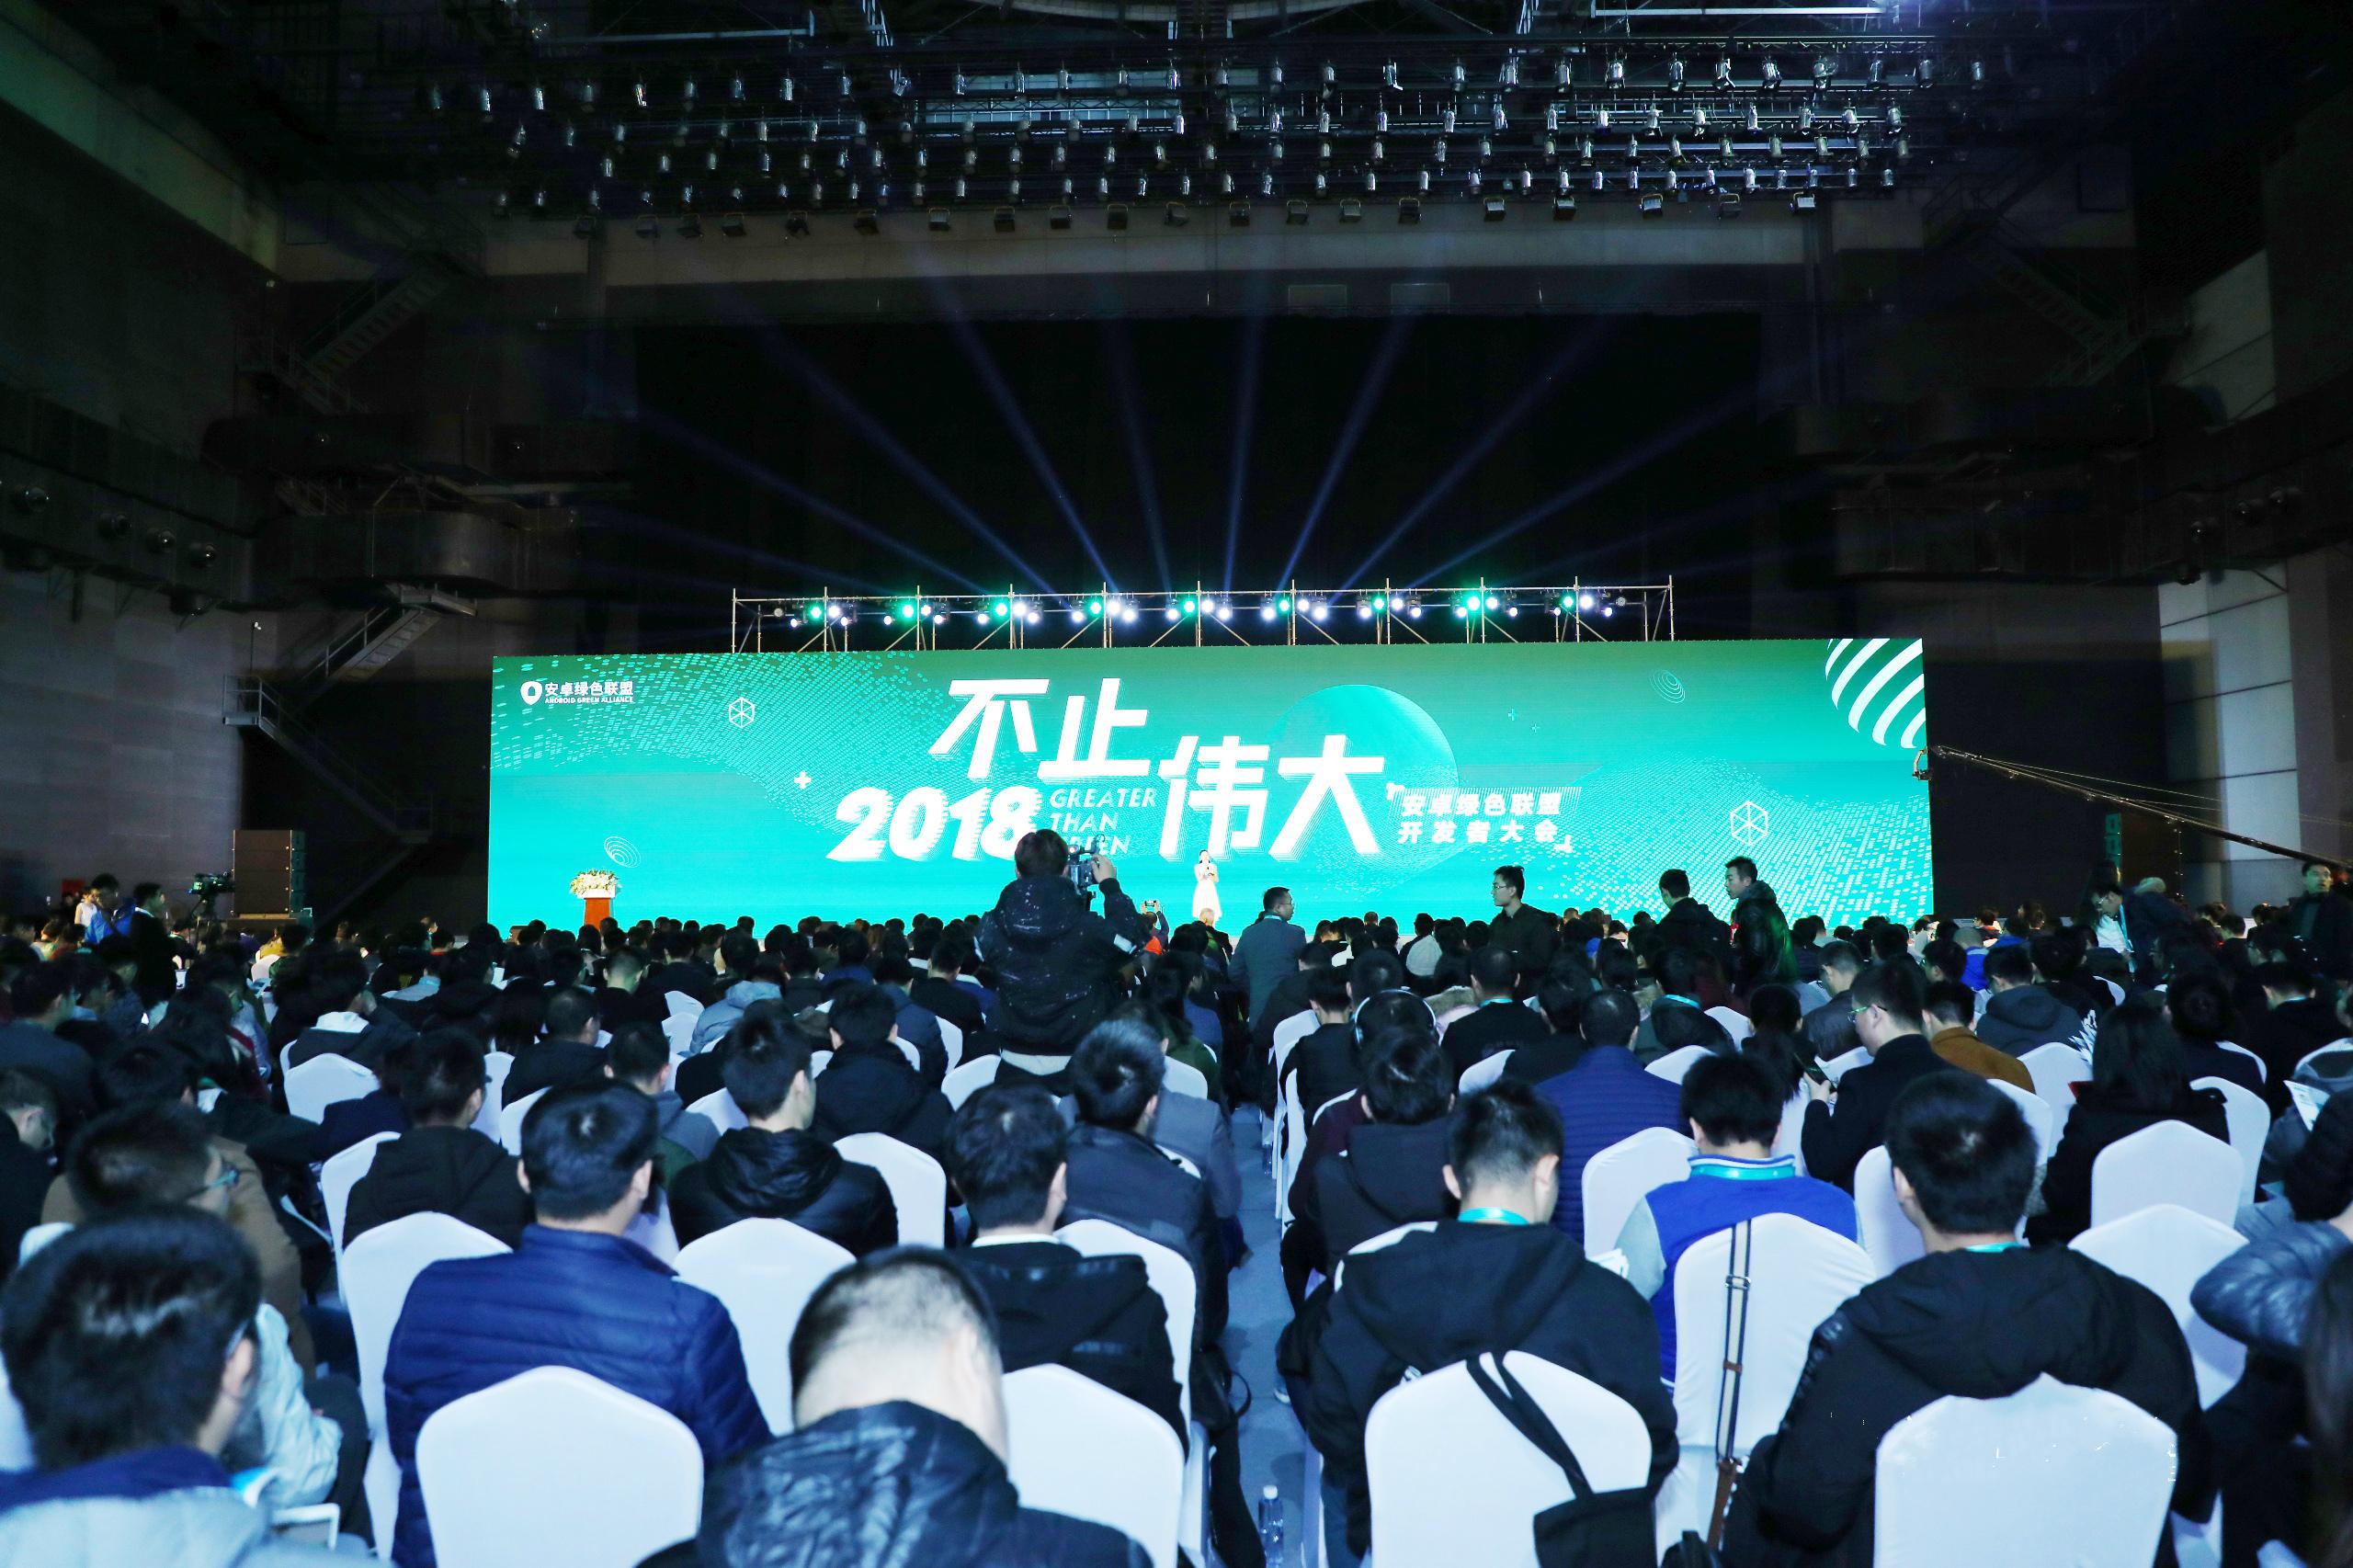 """双开助手在应用市场脱颖而出,荣获安卓绿色联盟""""2018年度实用工具类绿色应用""""奖"""